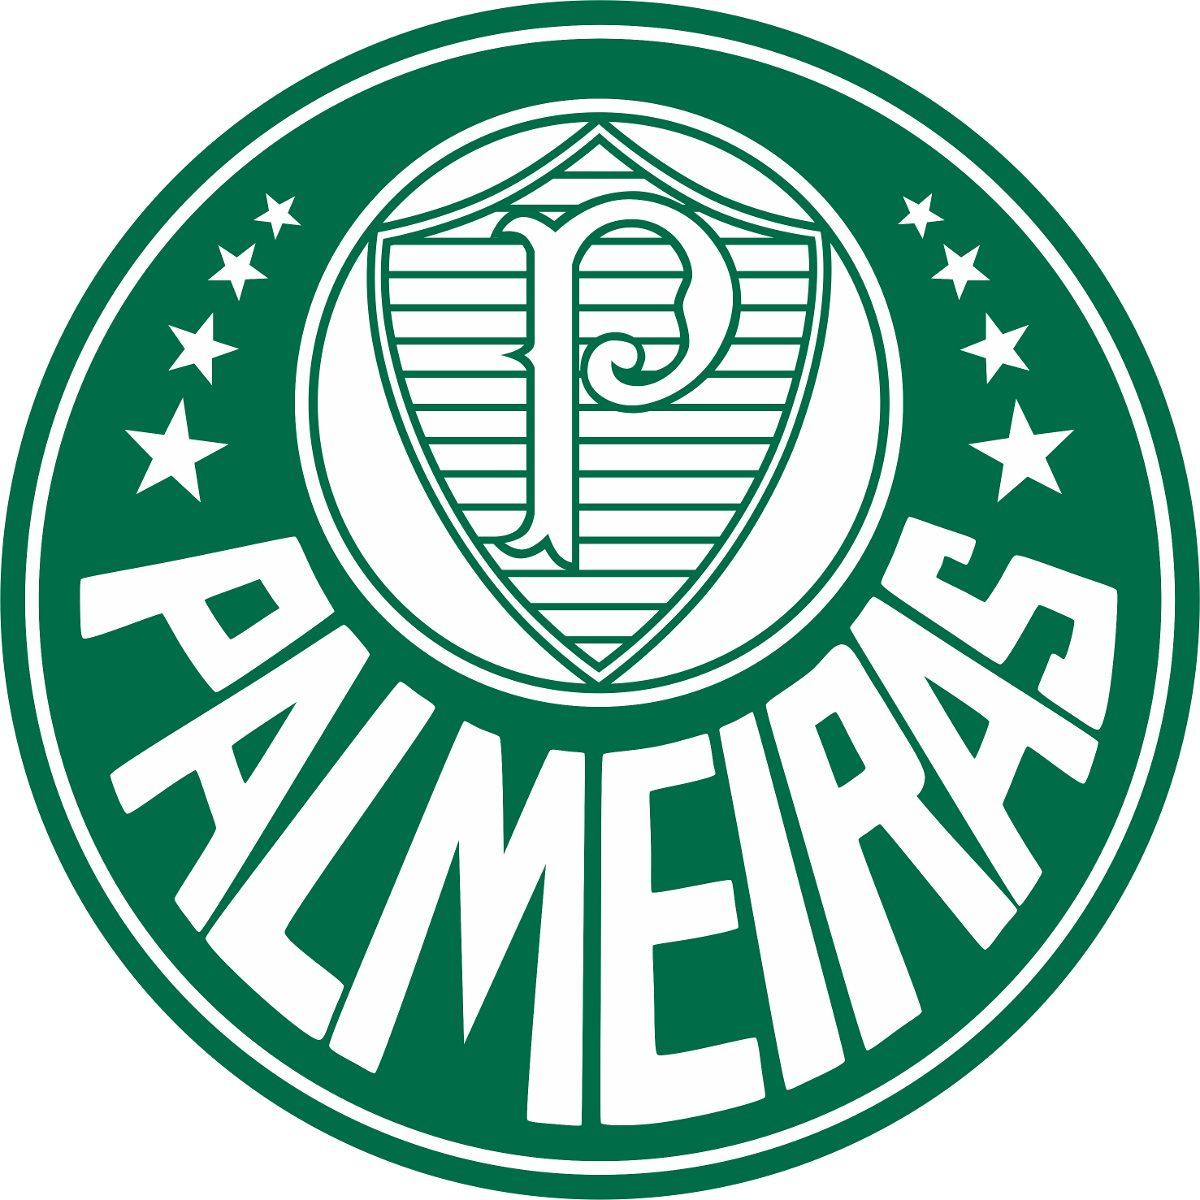 Adesivo Do Palmeiras Escudo Com Fundo 48cmx48cm Casa R